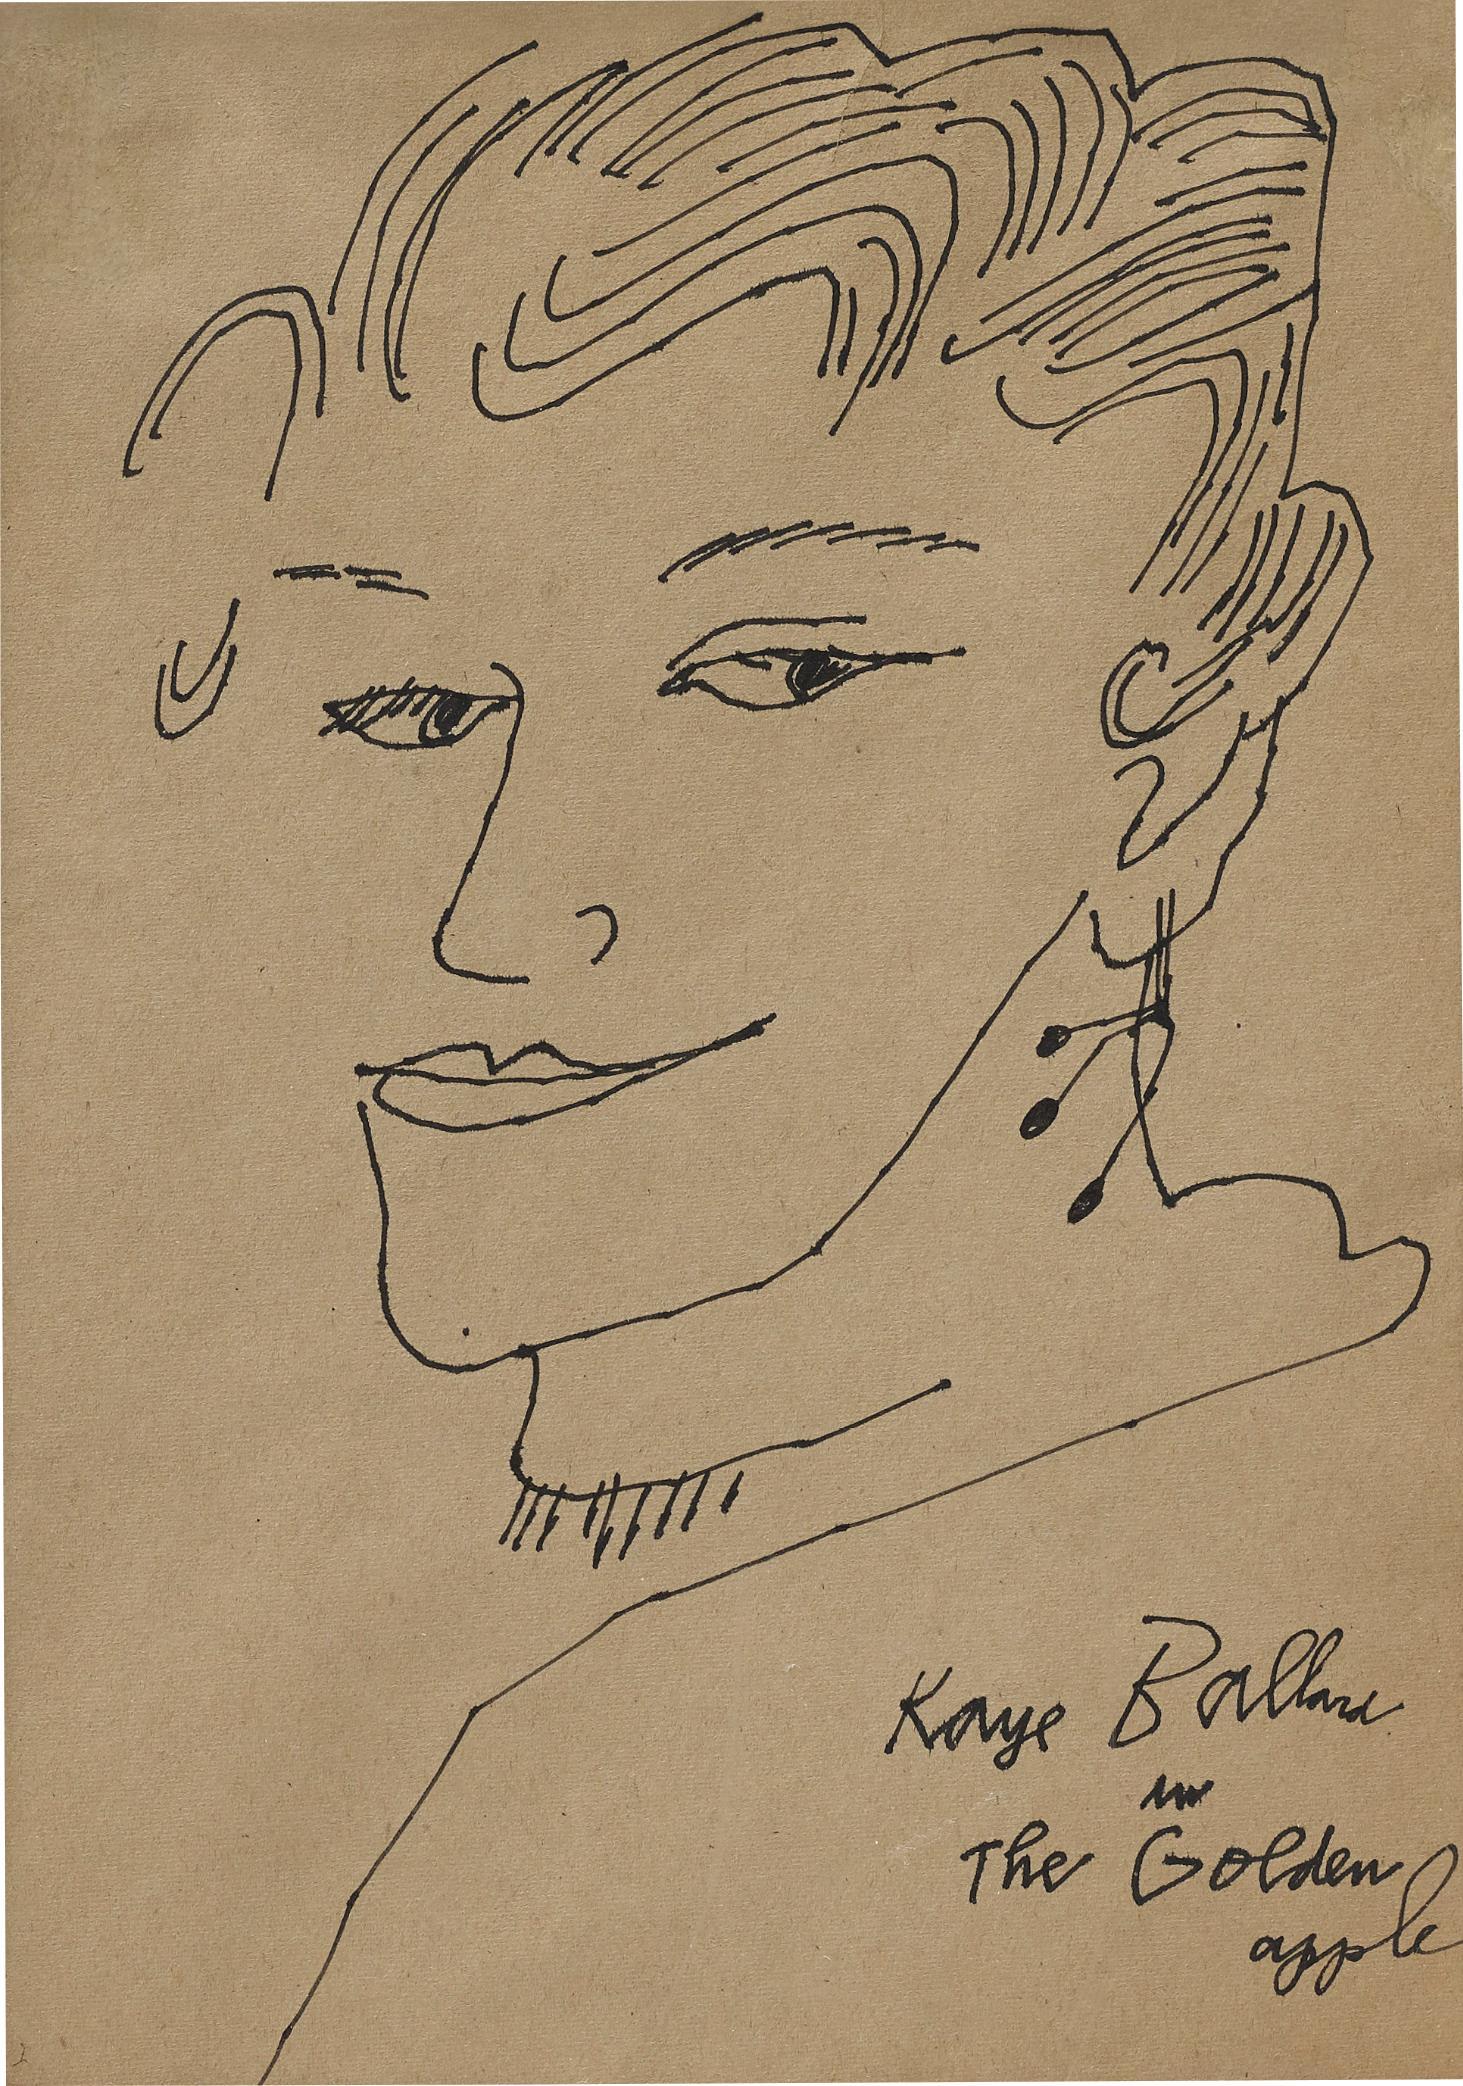 Andy Warhol-Kaye Ballard in the Golden Apple-1957